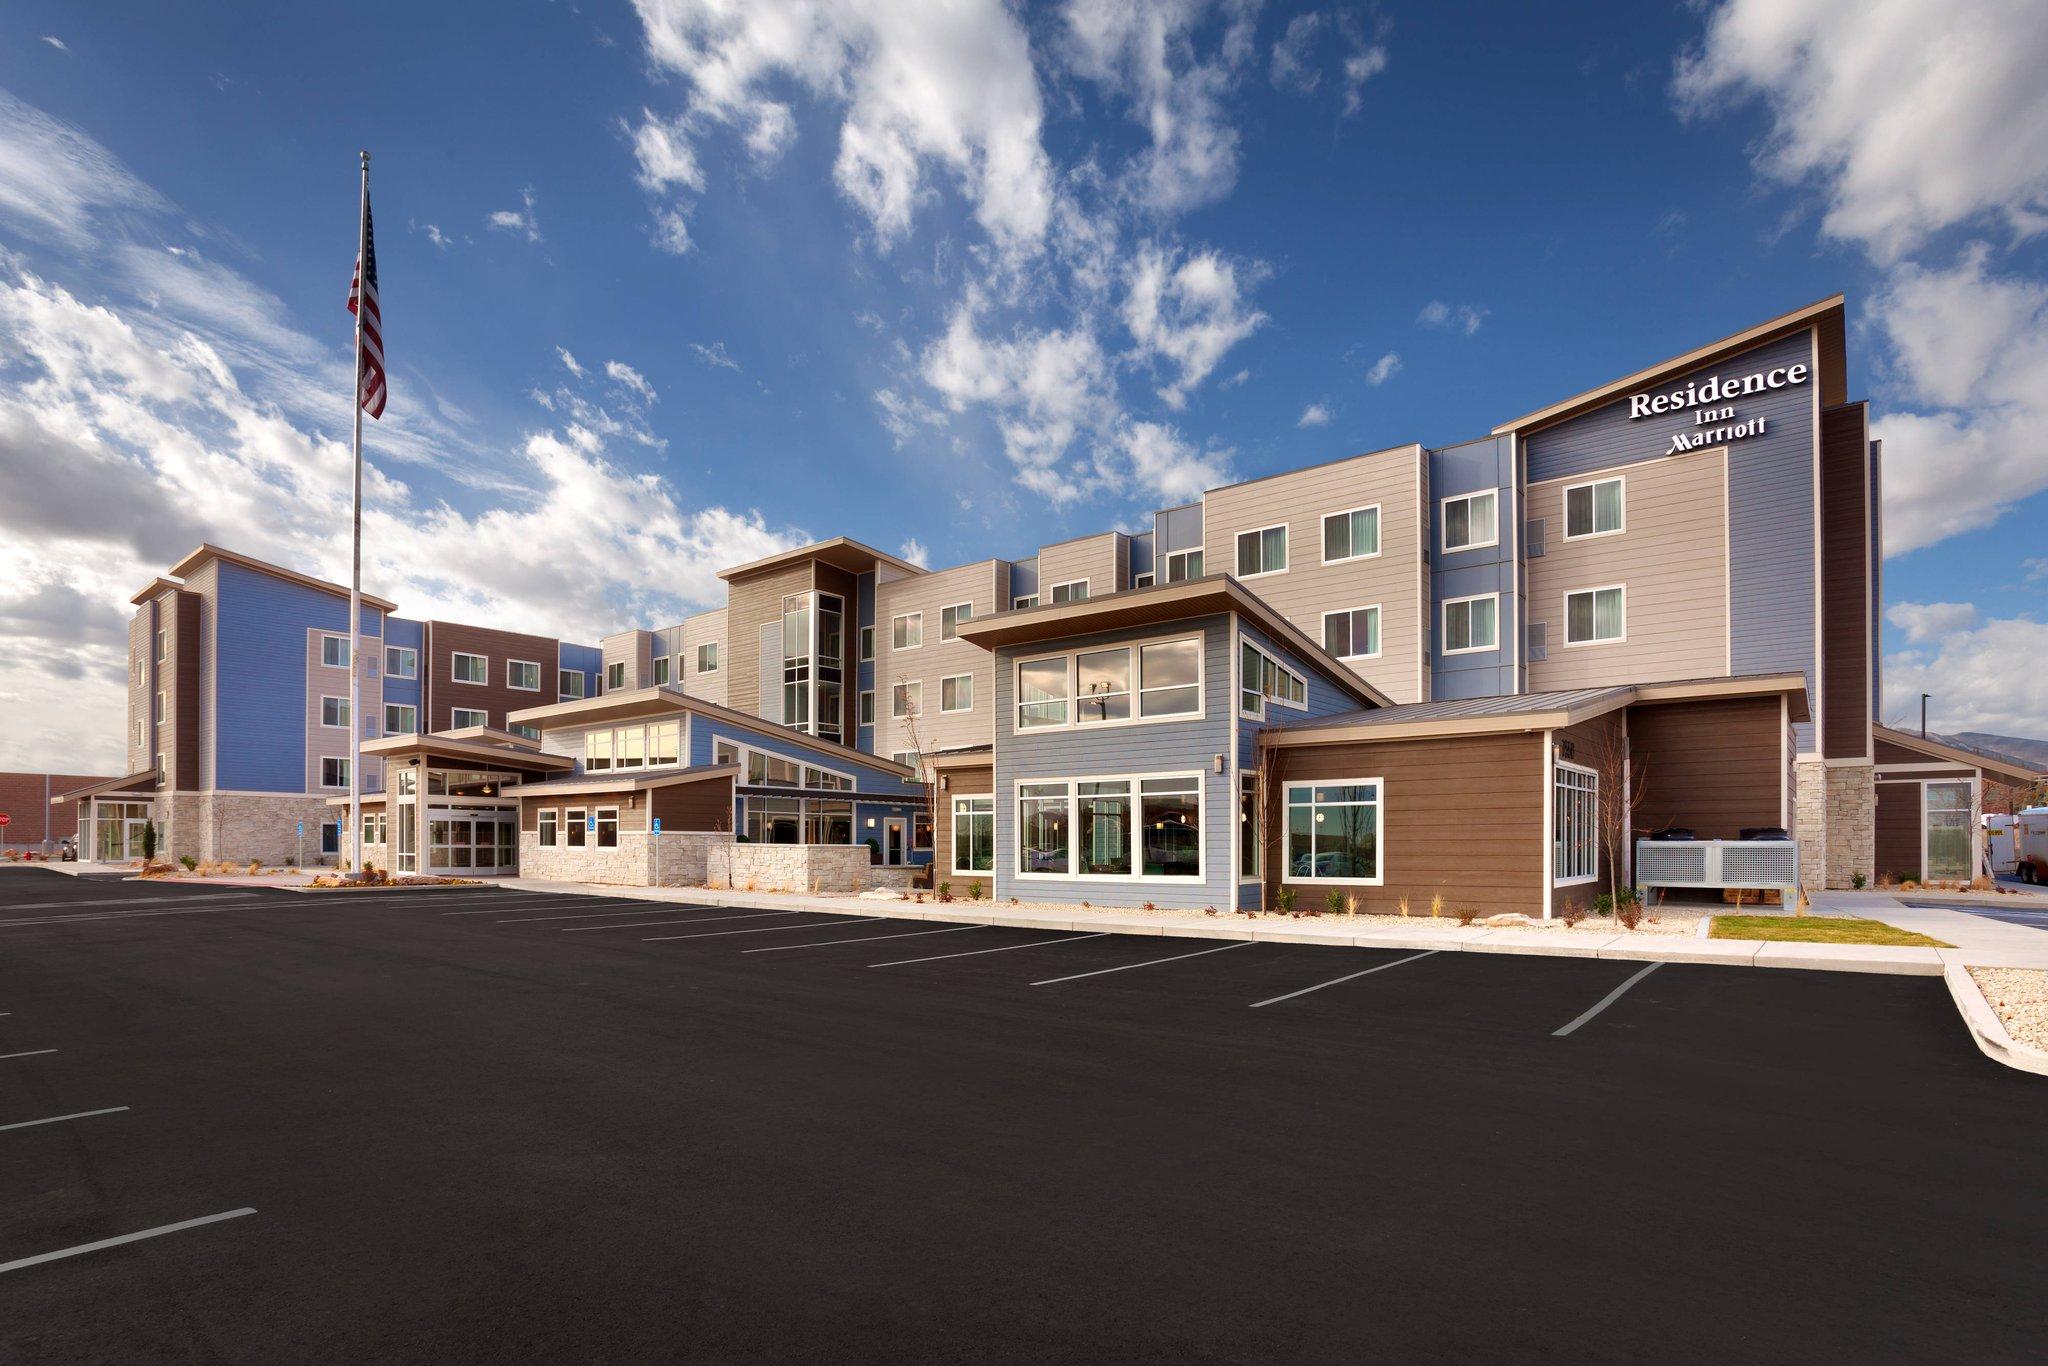 Residence Inn Harrisburg North